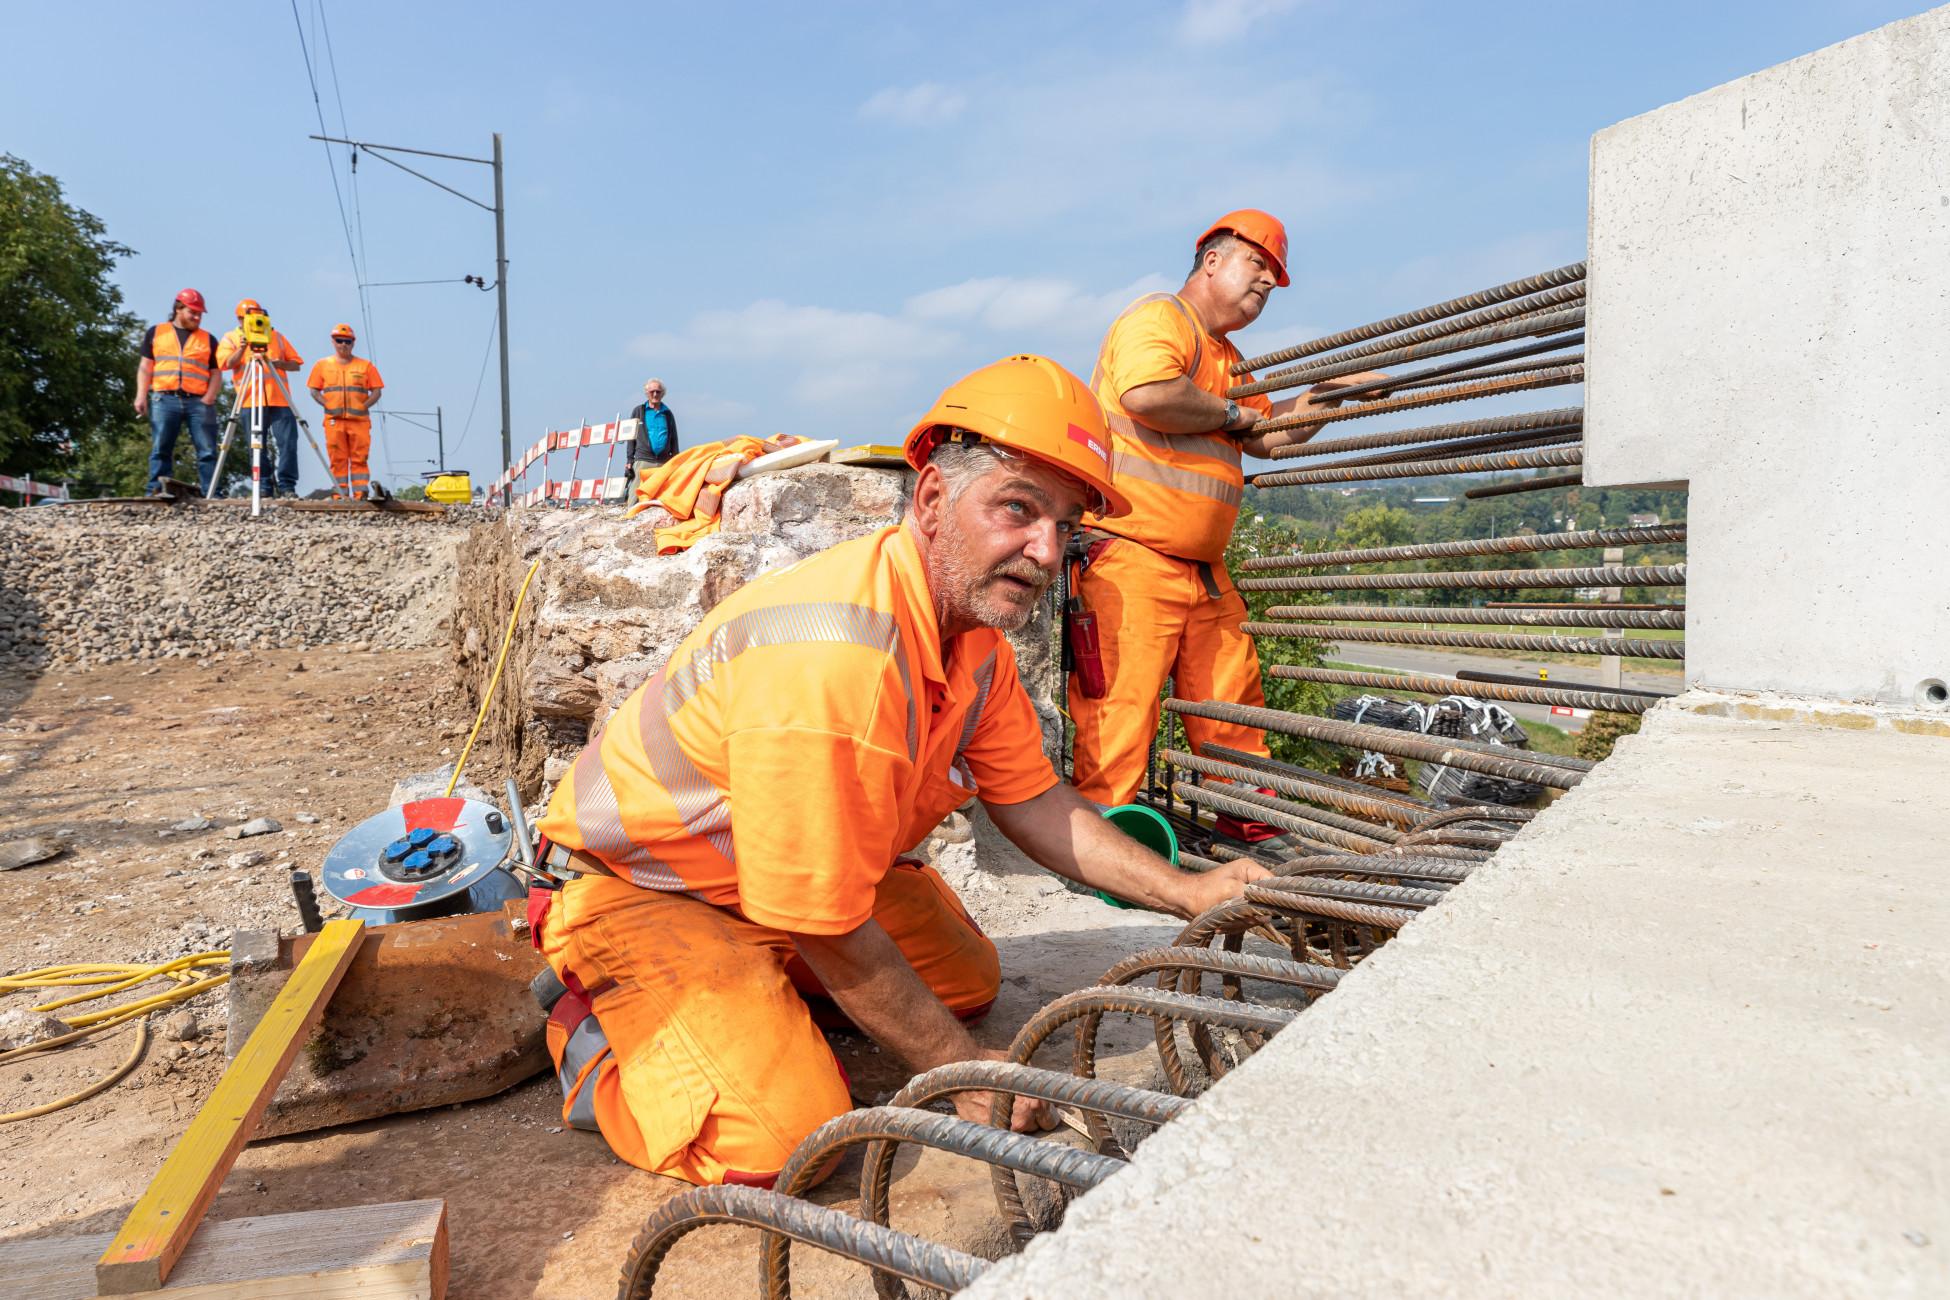 Laufenburg SBB Ersatzbruecke U1 - nur mit Teamwork kommt die Betonbrückenplatte an den richtigen Ort